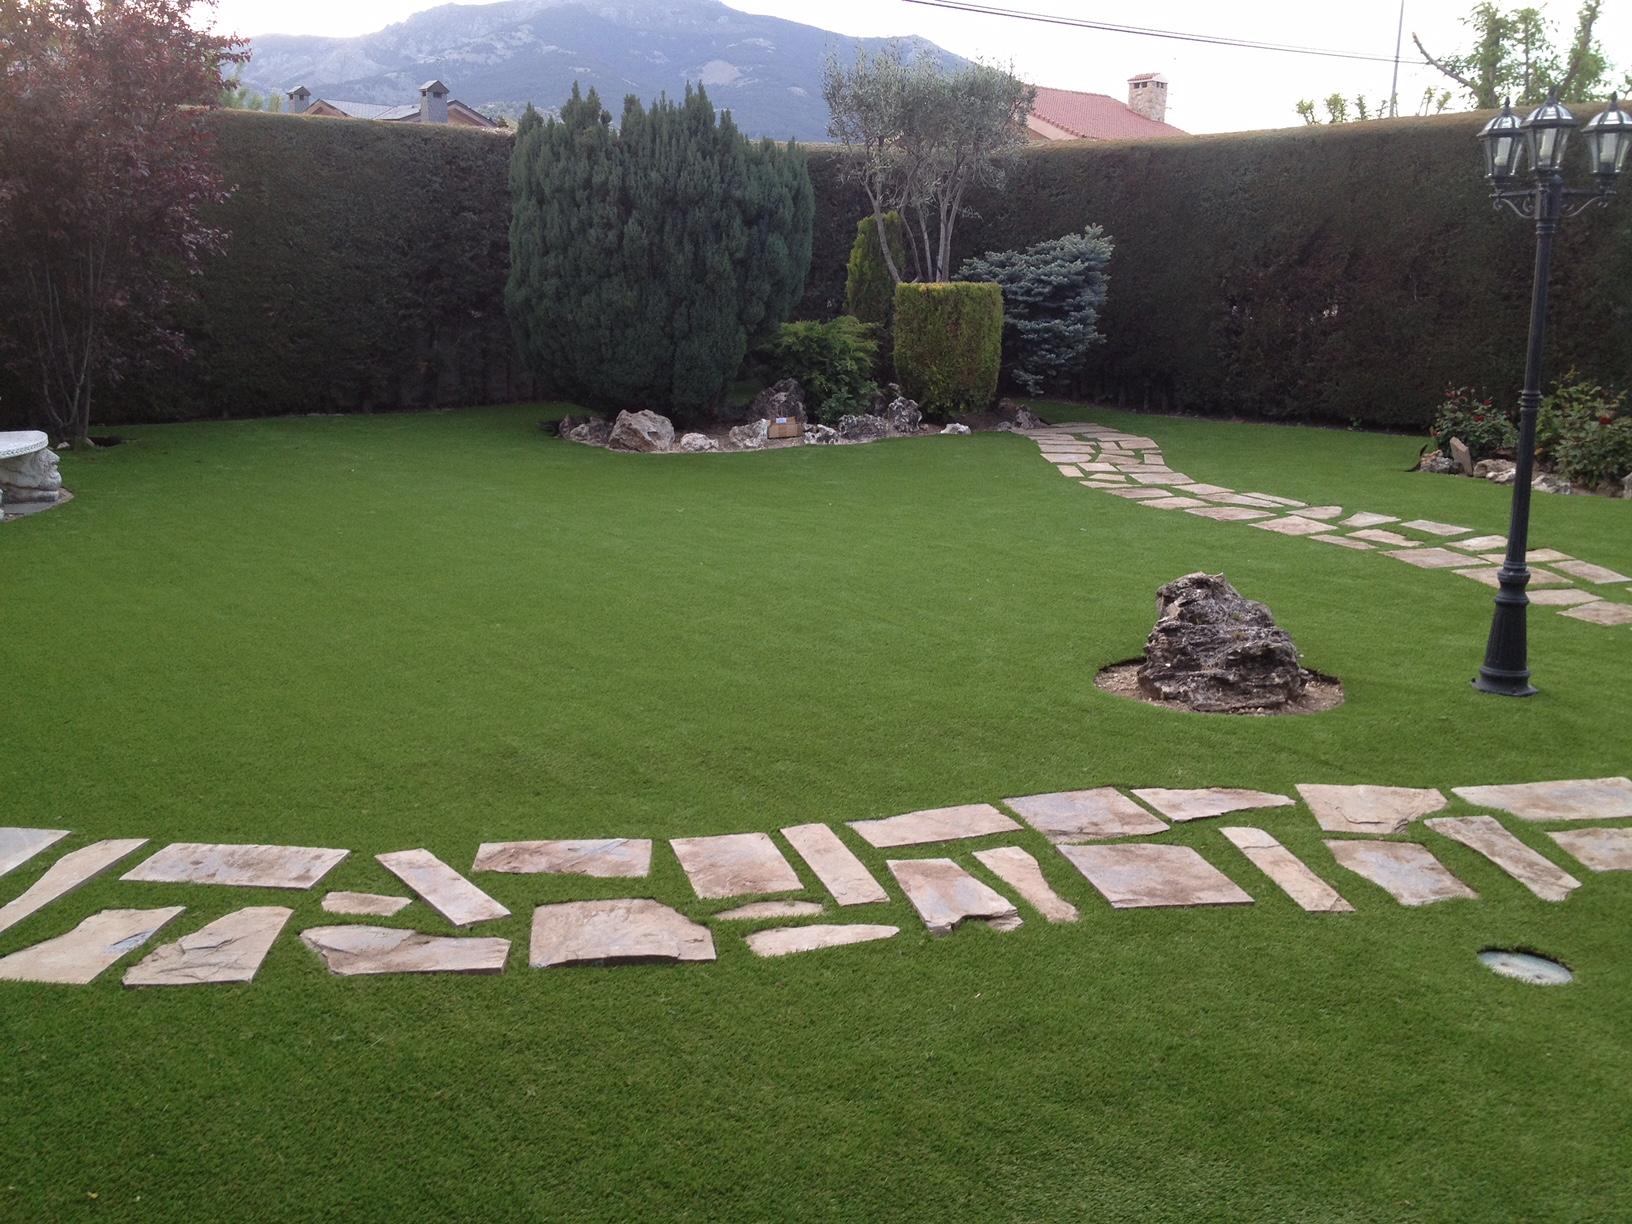 Instalaci n de c sped artificial en jard n con ariz nicas for Cesped para jardin